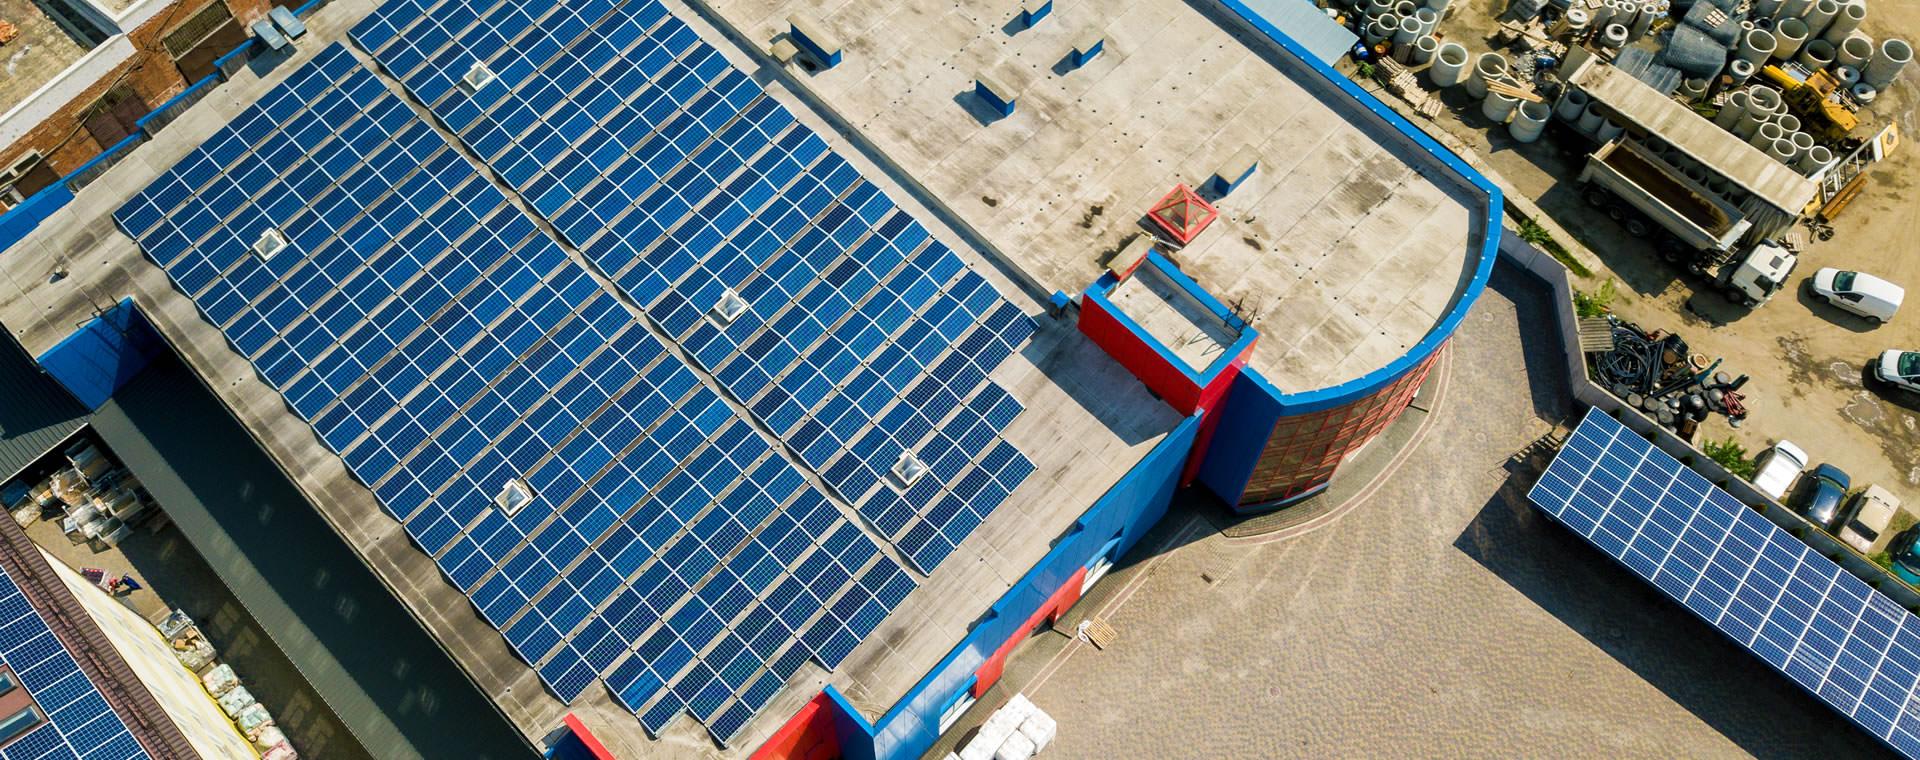 Panneaux solaires photovoltaïques montés sur un toit industriel